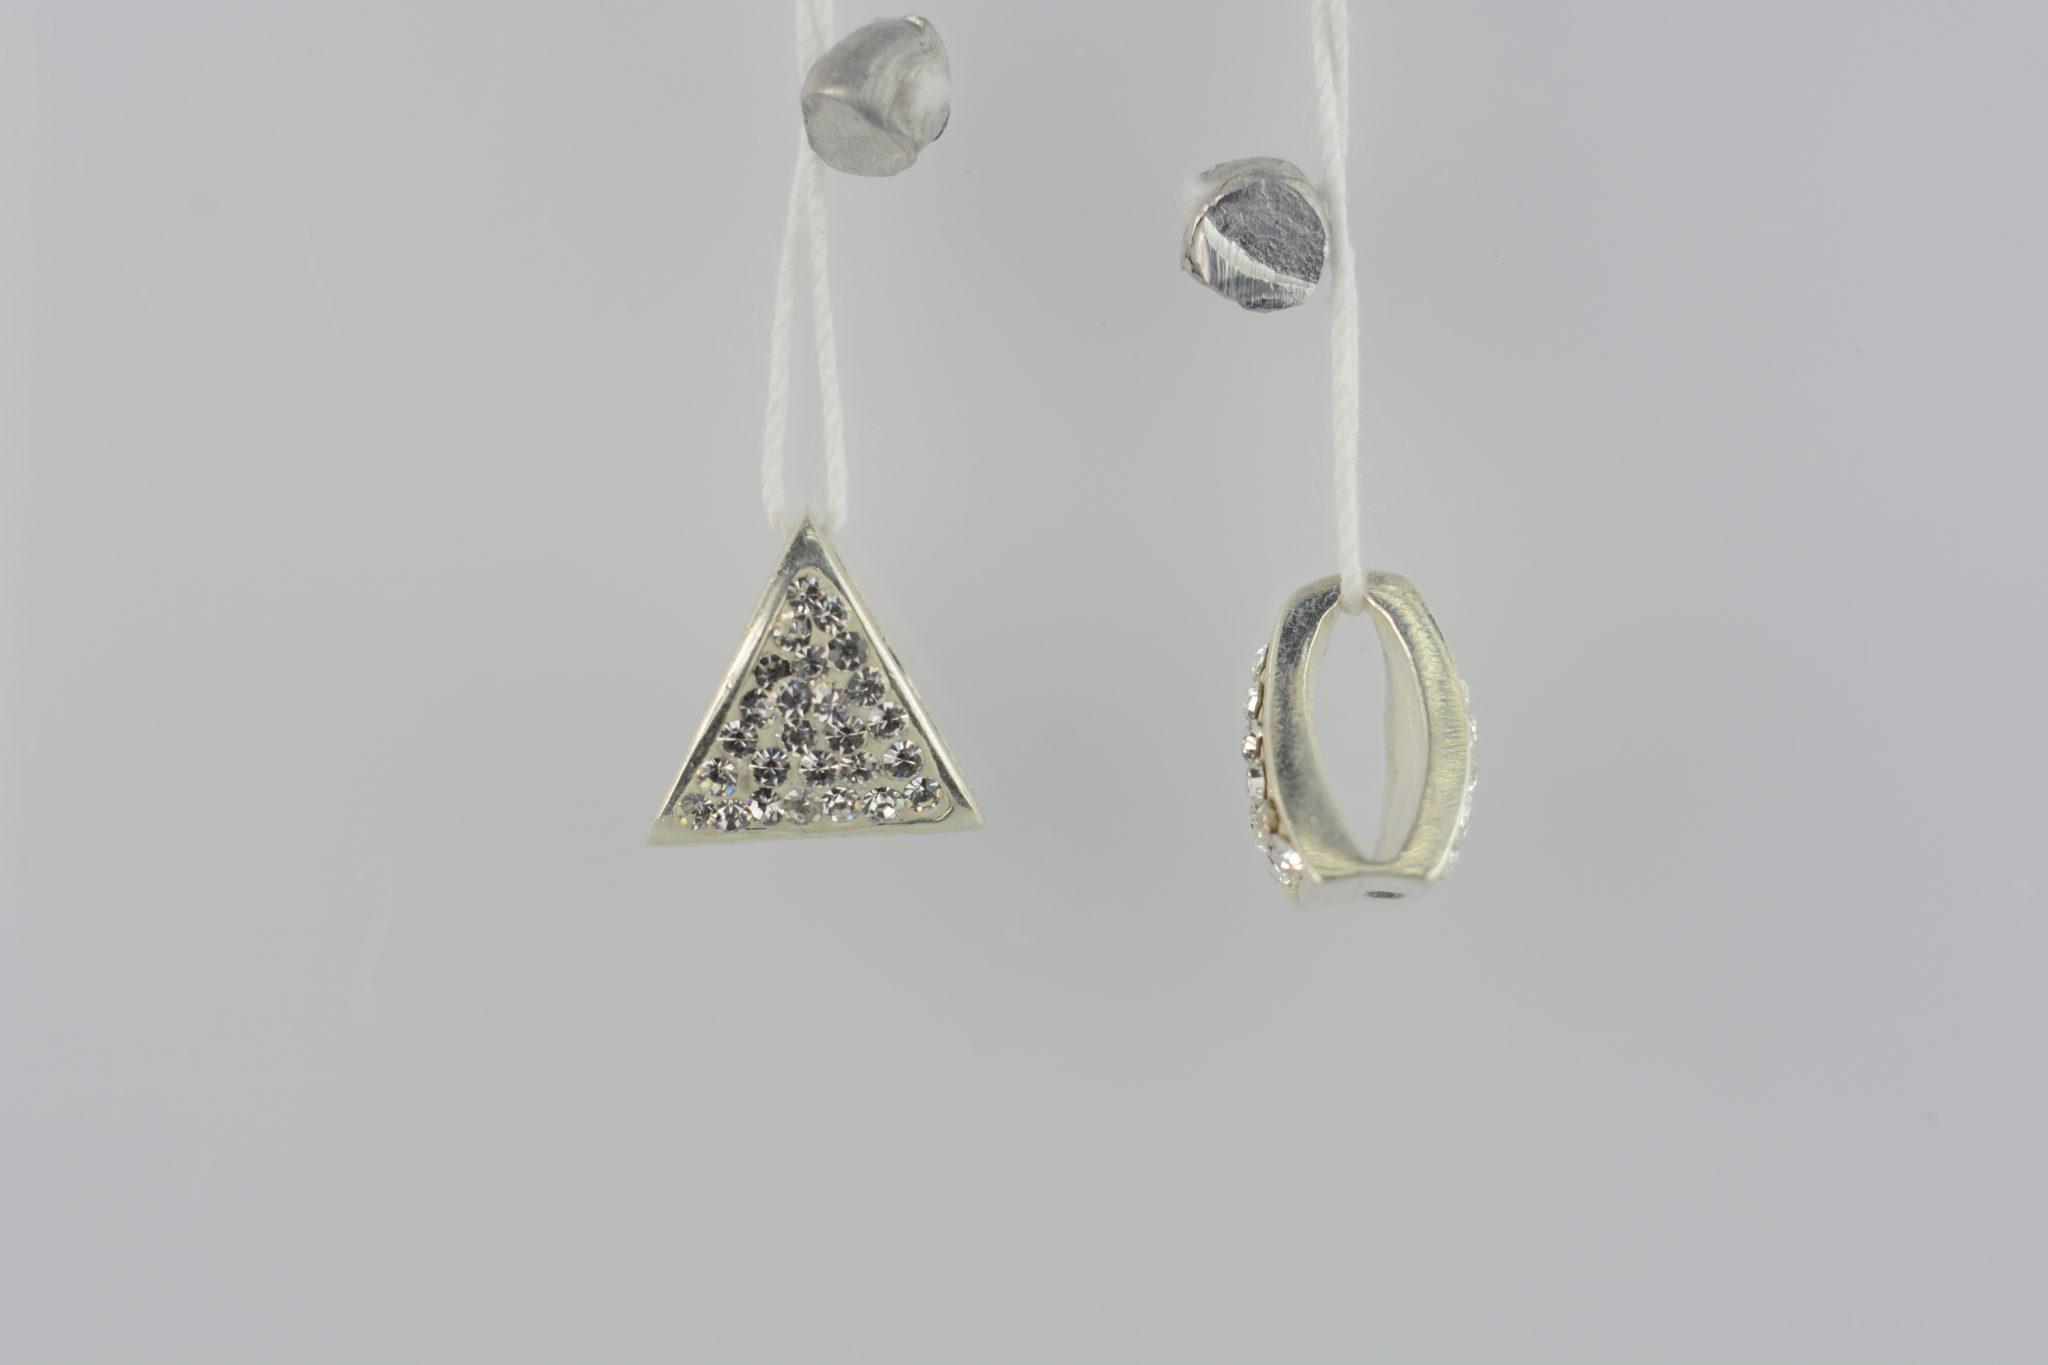 Купити ювелірний виріб Підвіска трикутник оздоблений сваровскі 6П145